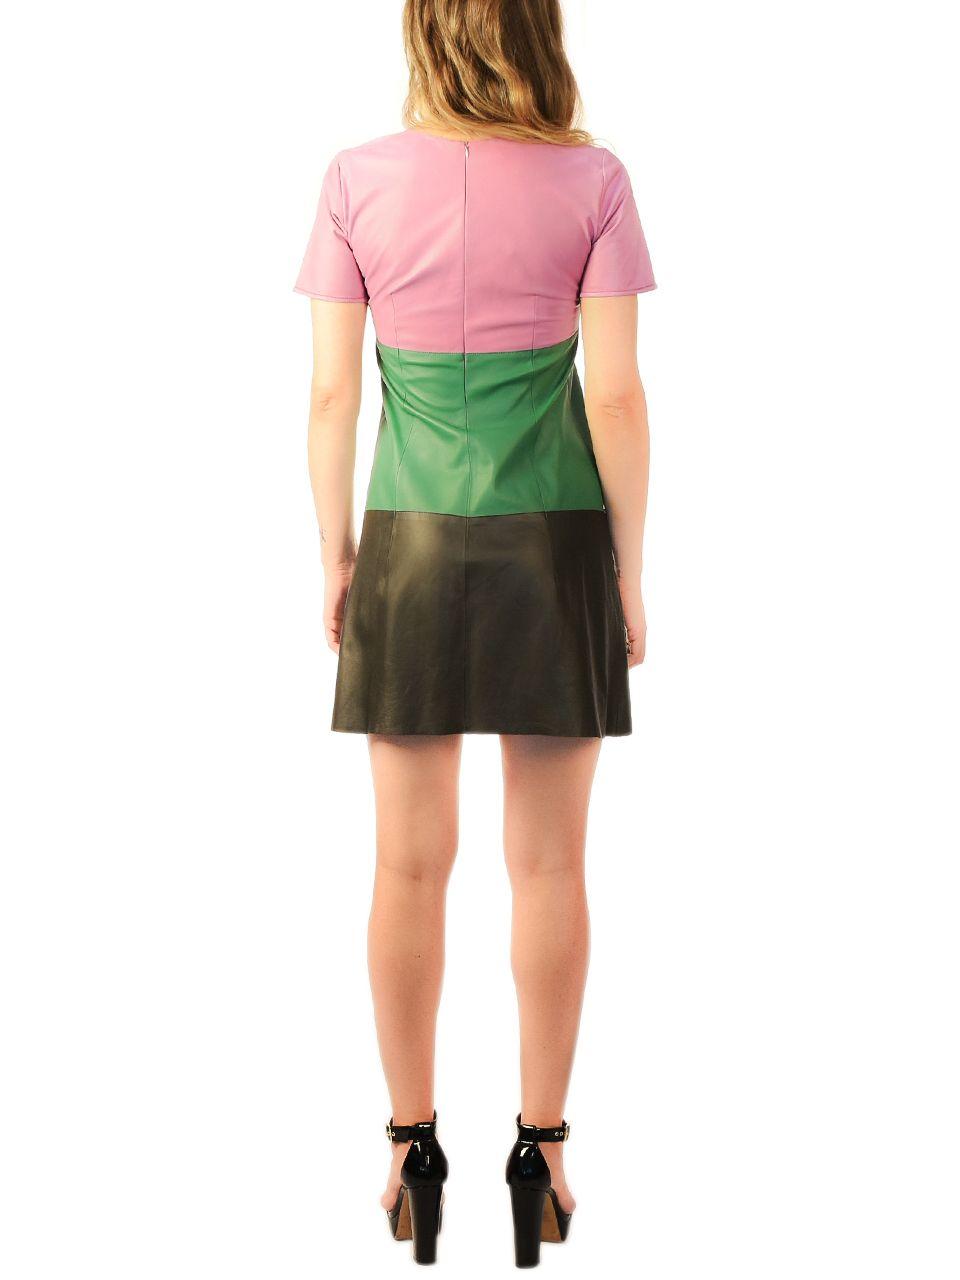 Vestido de Couro no Estilo Camiseta com Ziper nas Costas - l